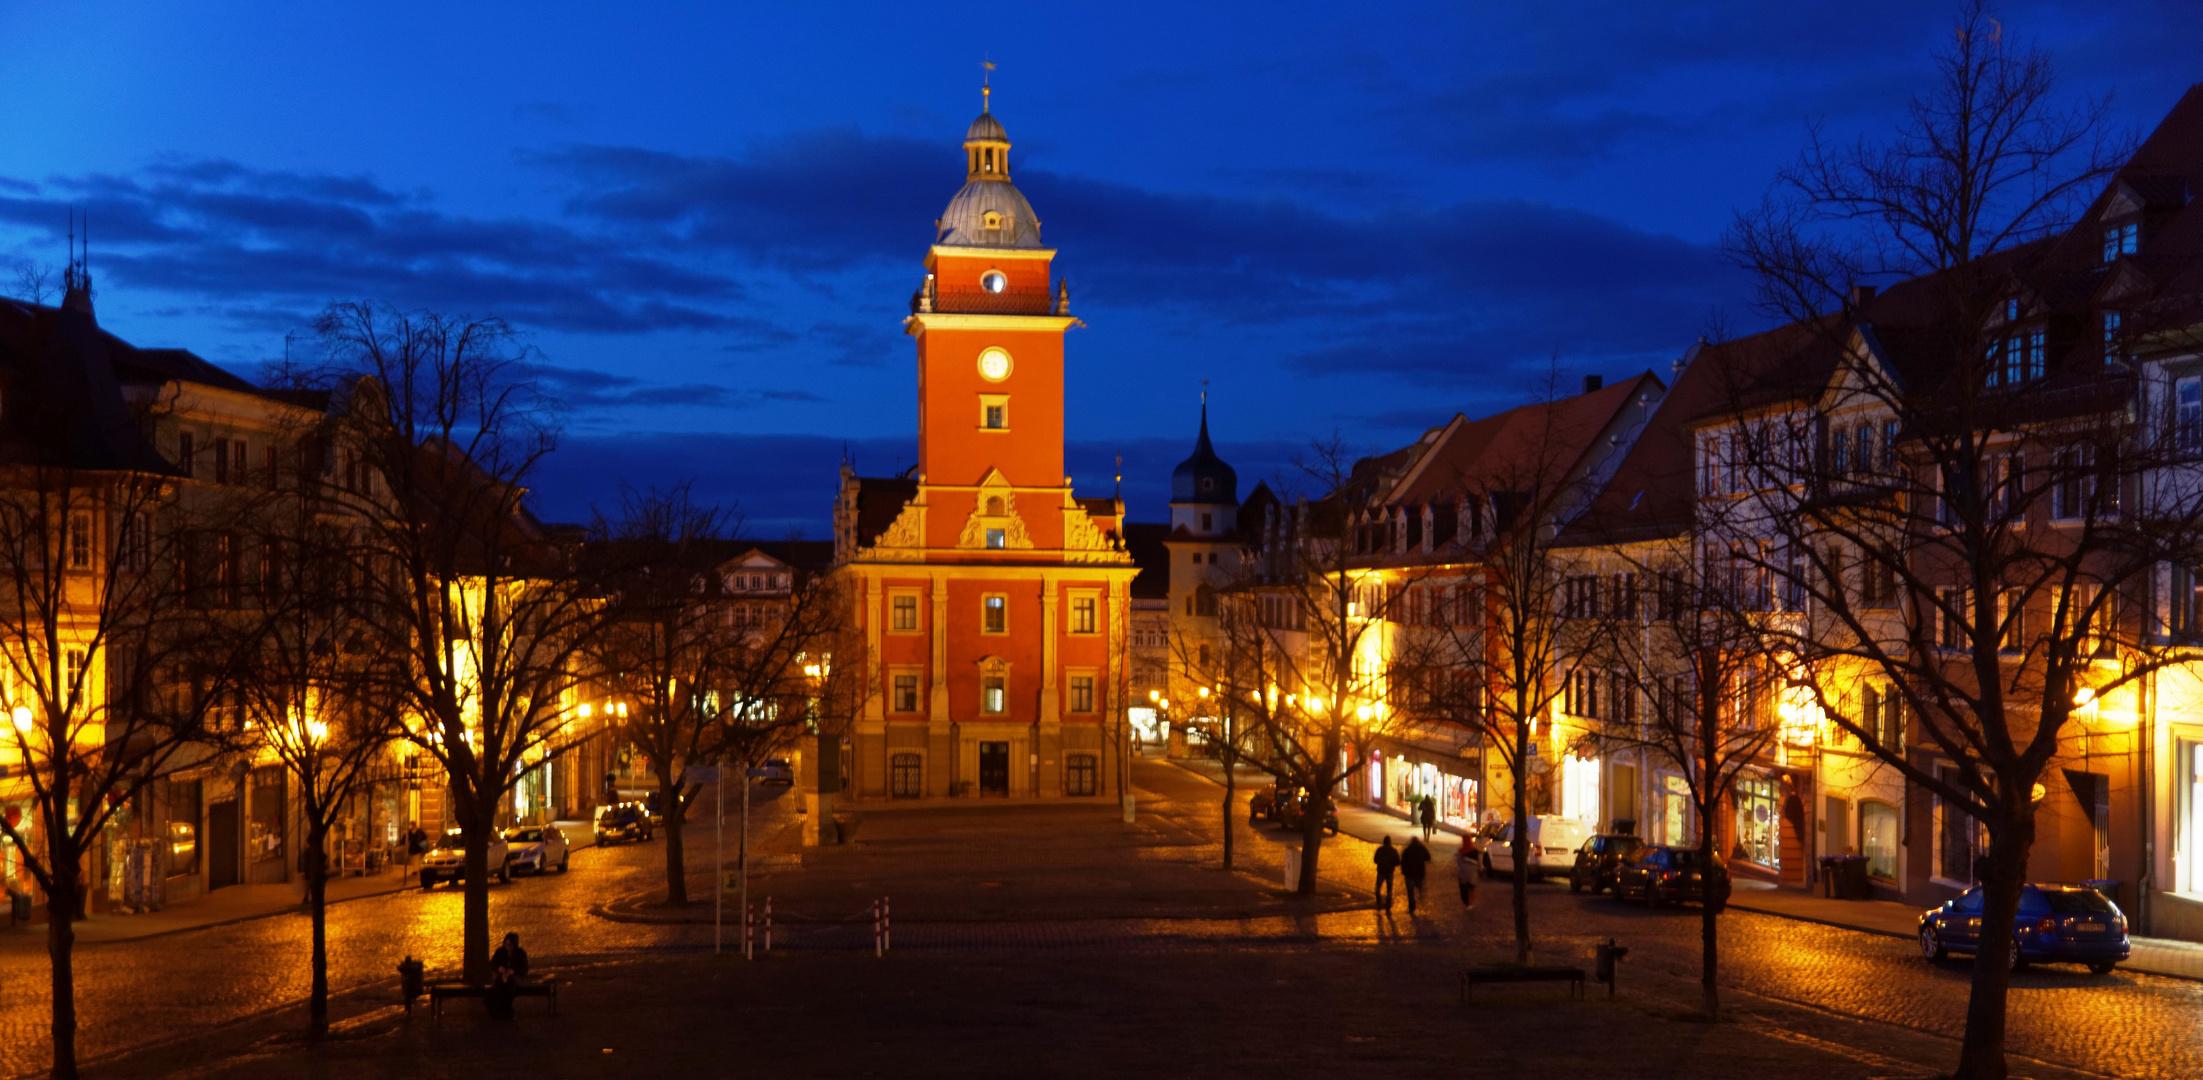 Das Gothaer Rathaus